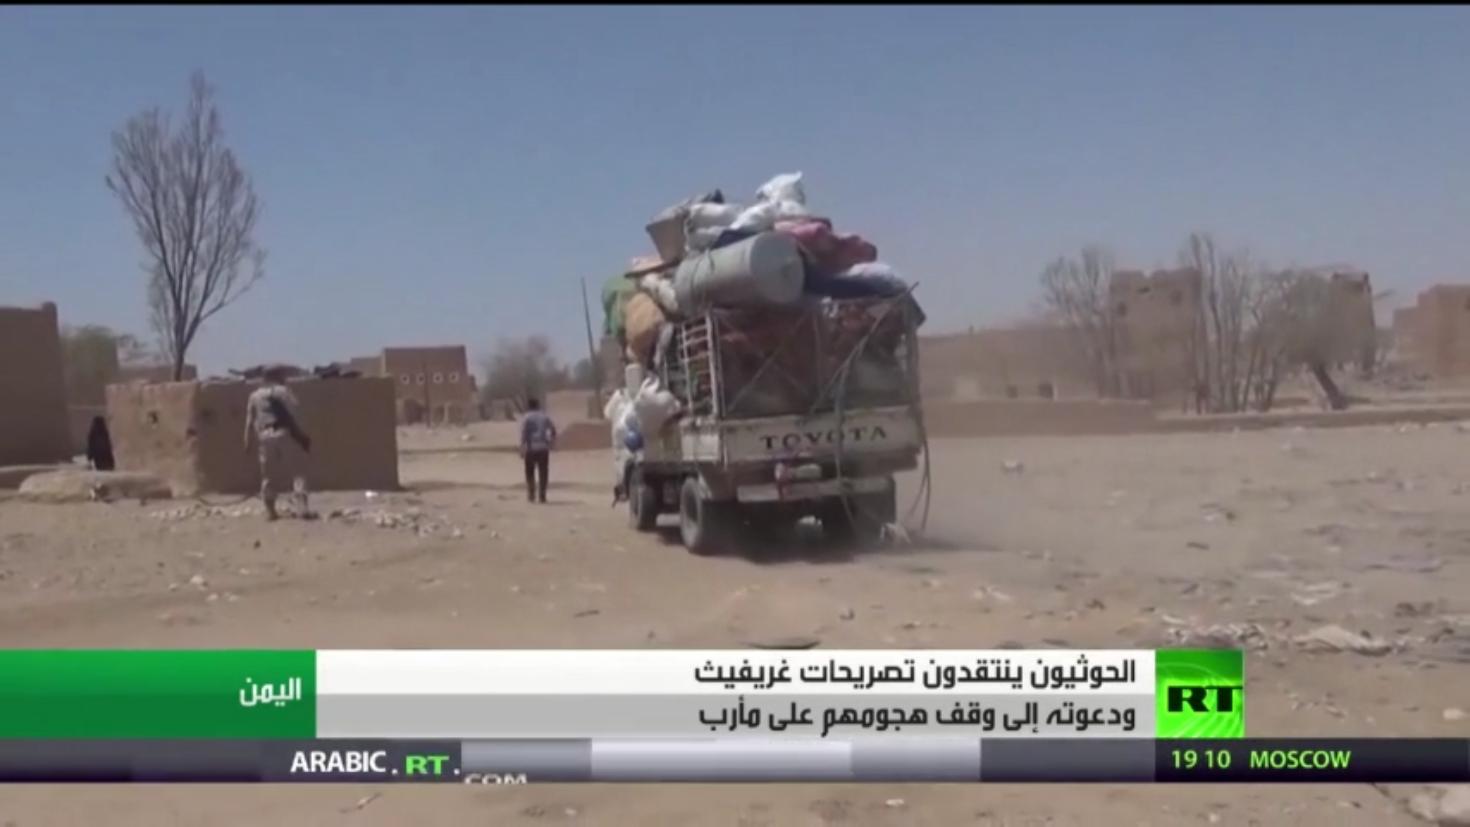 الحوثيون ينتقدون تصريحات غريفيث